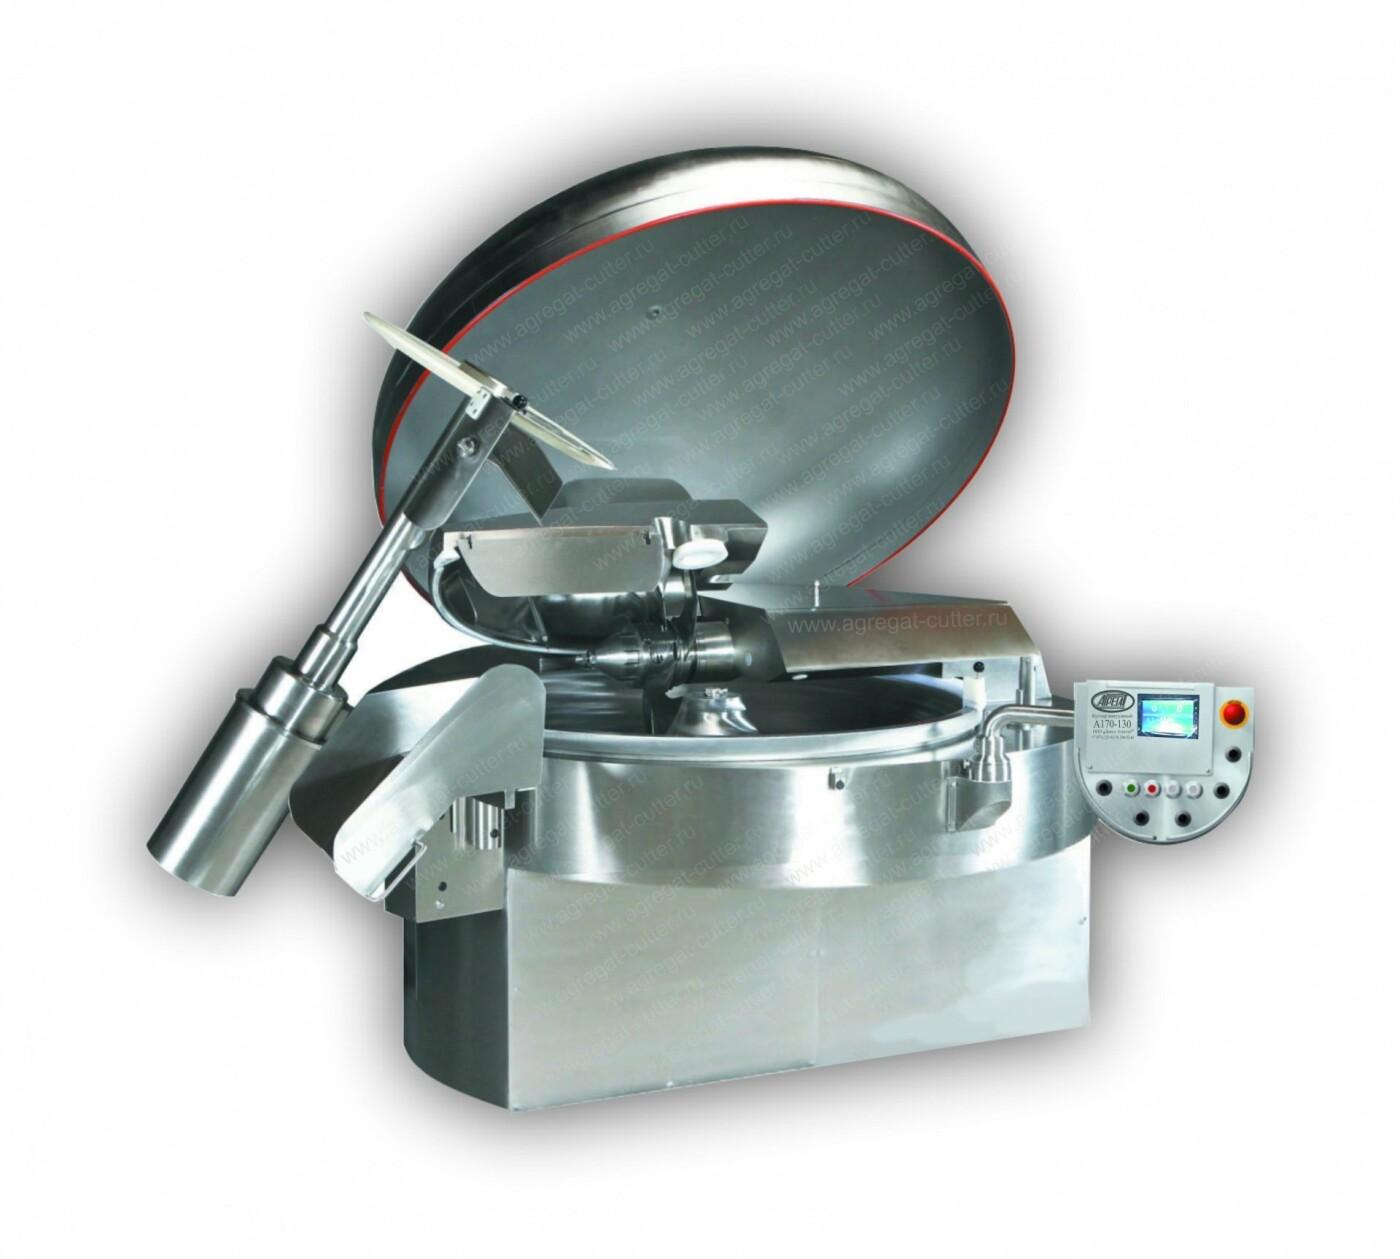 Куттер - ваш универсальный процессор для кухни, фото-1